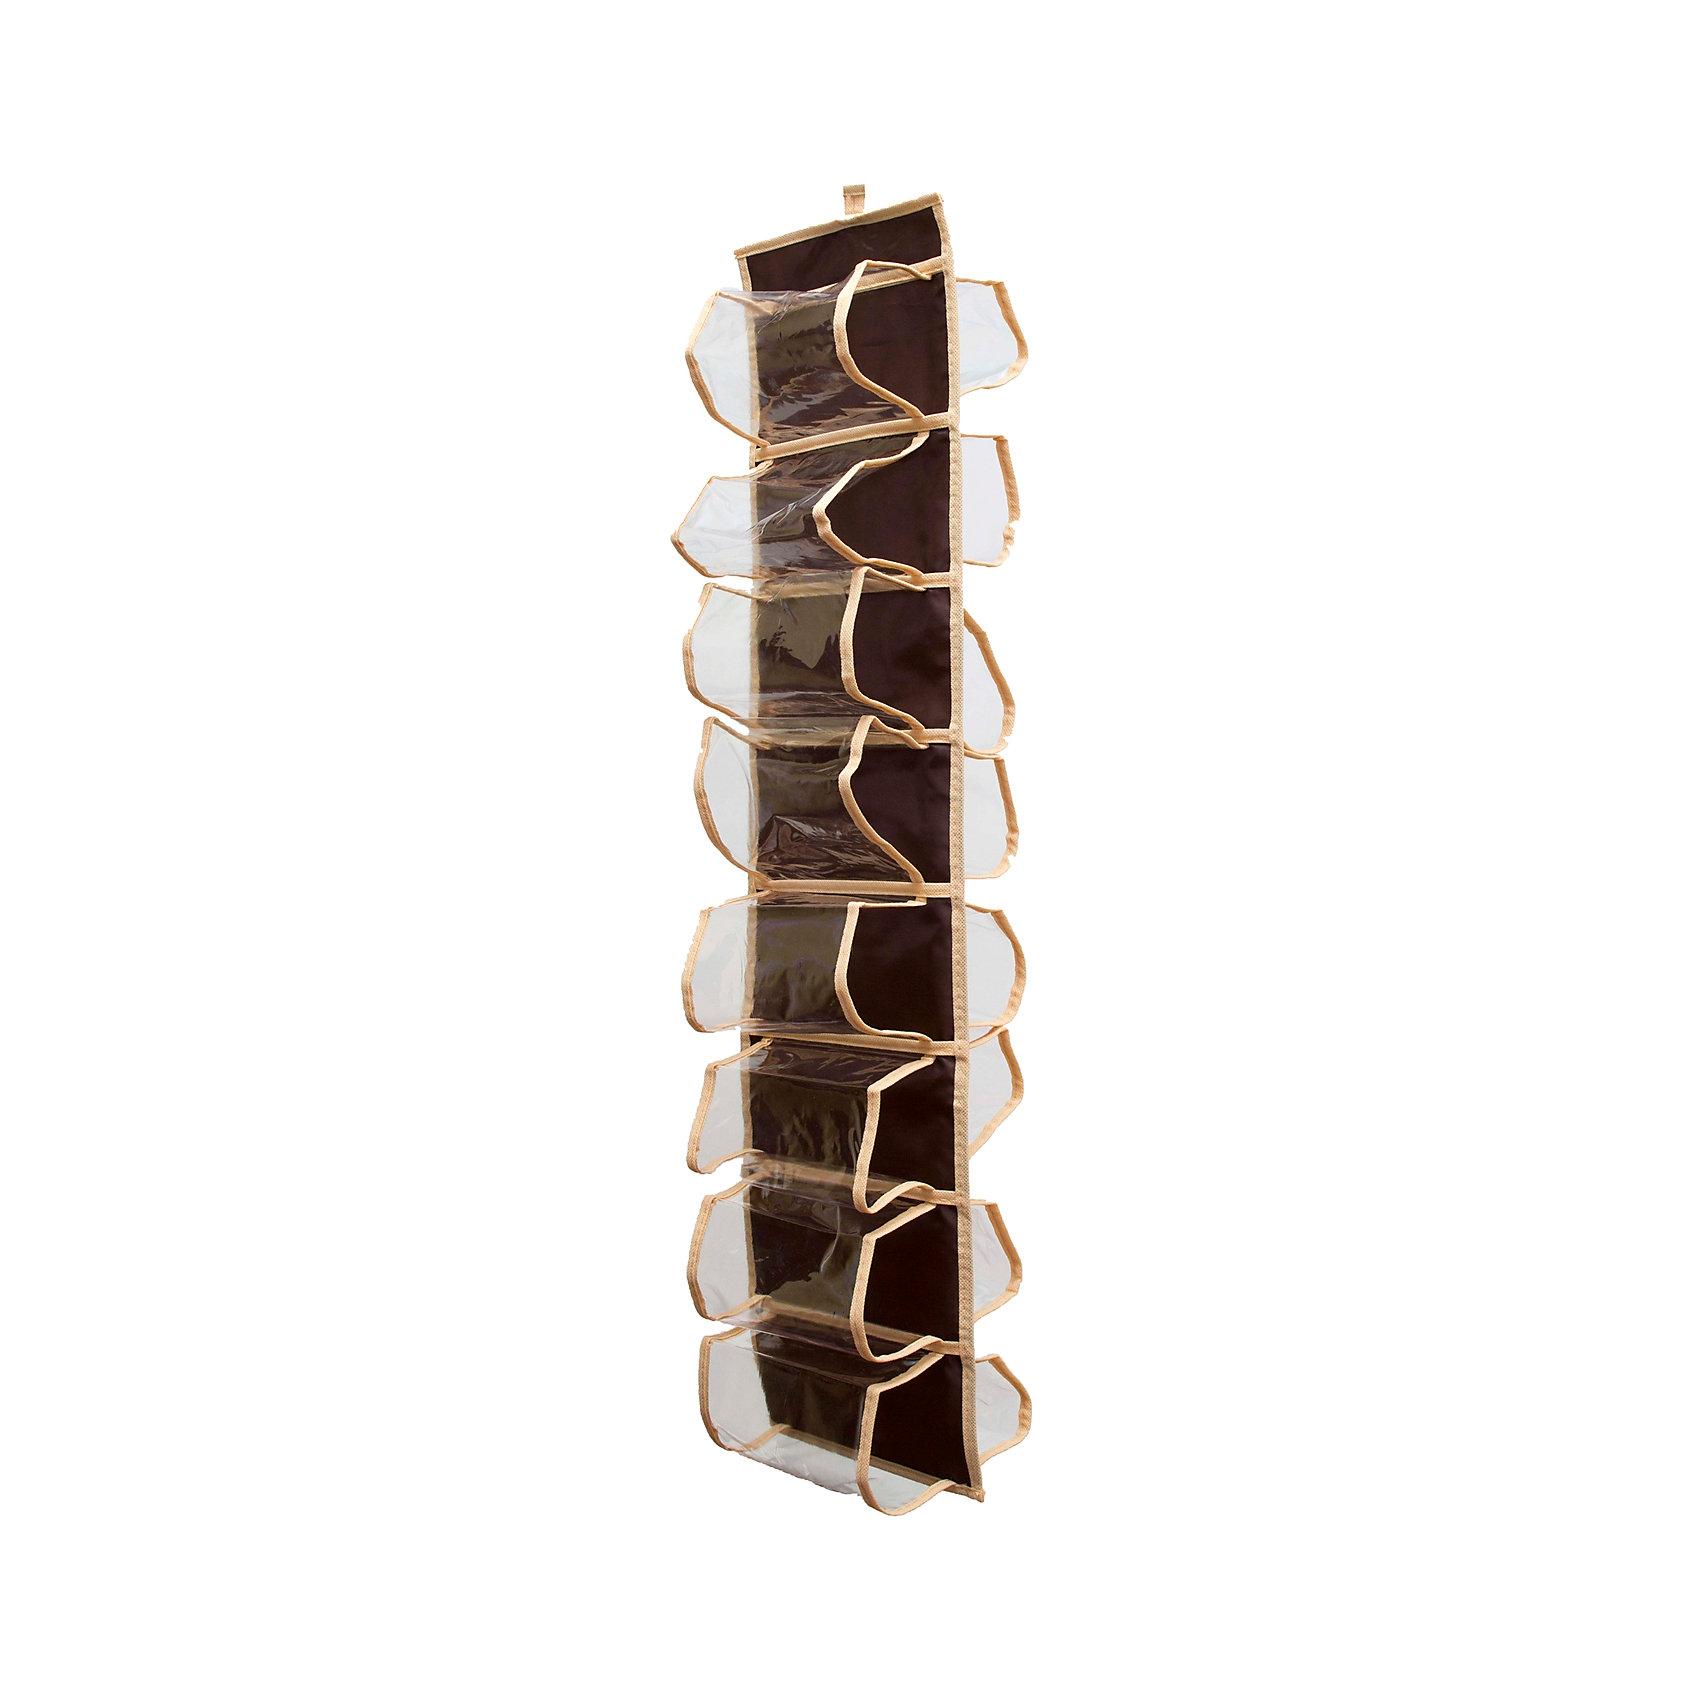 Органайзер для колготок, шарфов и мелочей Costa-Rica, HomsuПорядок в детской<br>Подвесной двусторонний органайзер имеет 16 раздельных ячеек размером 8Х15см, очень удобен для хранения мелких вещей в вашем шкафу. Идеально для колготок, шарфов, мелочей и других вещей ежедневного пользования.<br><br>Ширина мм: 300<br>Глубина мм: 220<br>Высота мм: 20<br>Вес г: 200<br>Возраст от месяцев: 216<br>Возраст до месяцев: 1188<br>Пол: Унисекс<br>Возраст: Детский<br>SKU: 5620217